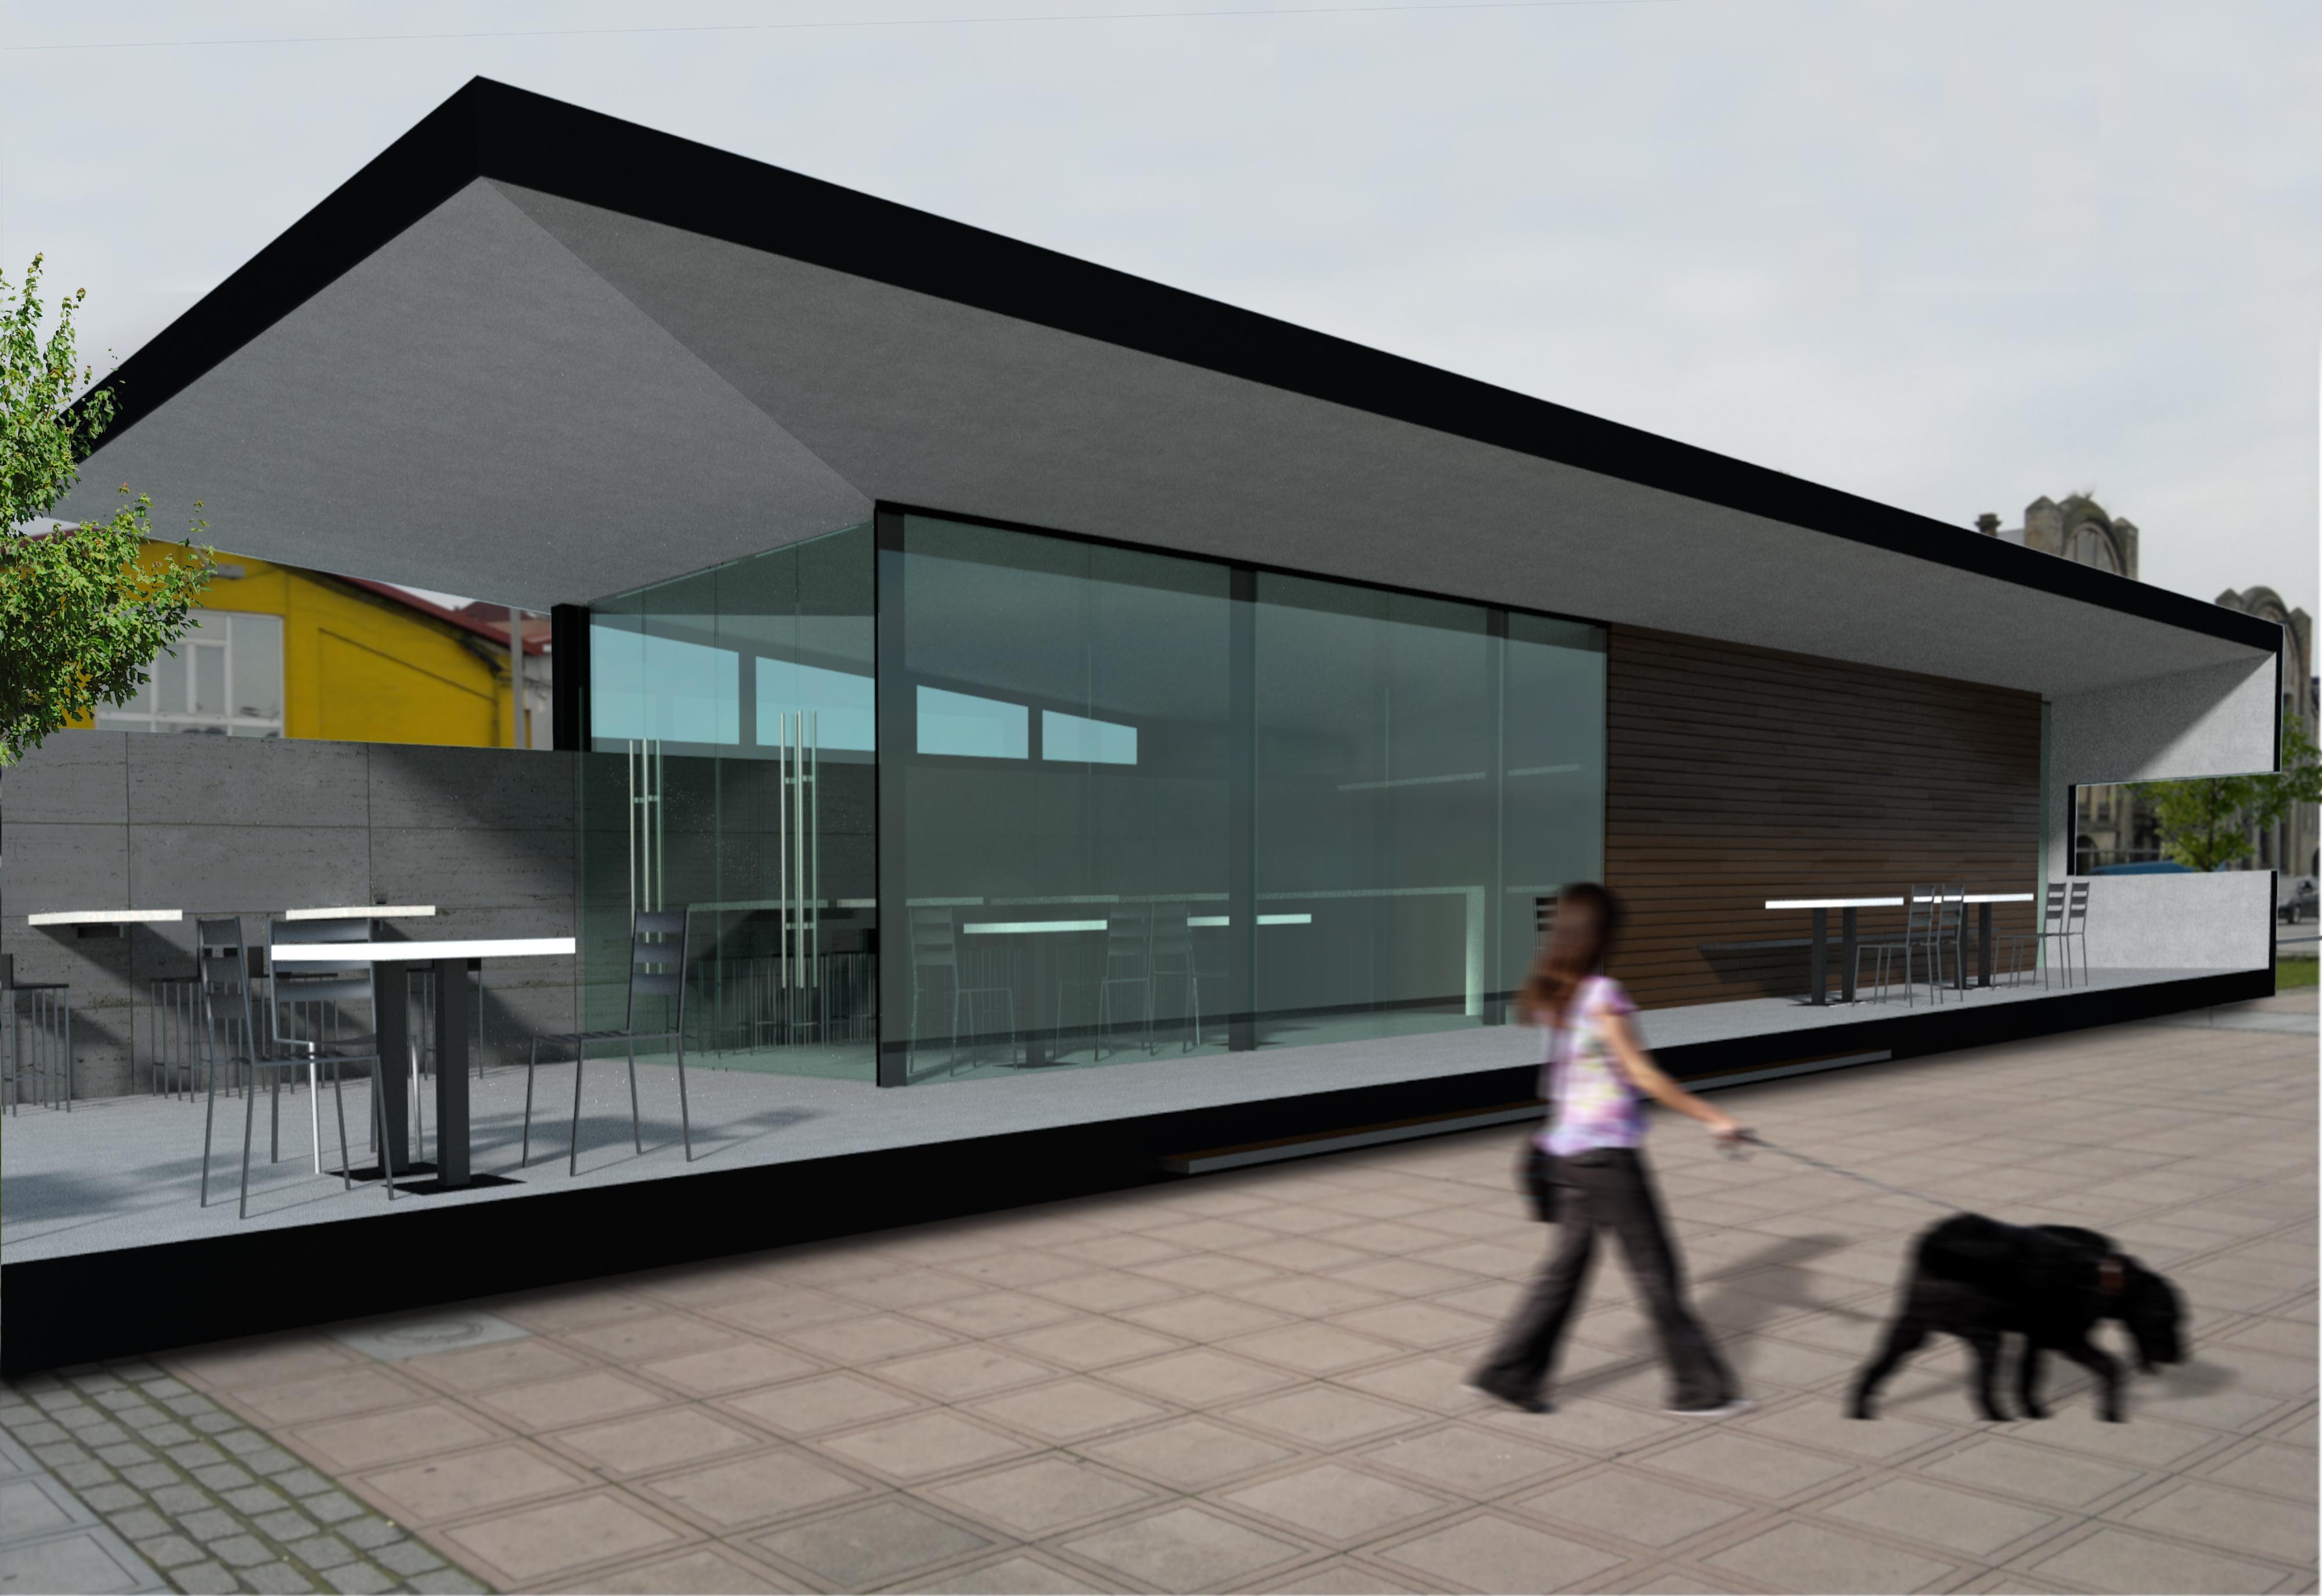 Tagarro de miguel arquitectos estudio de arquitectura - Arquitectos gijon ...